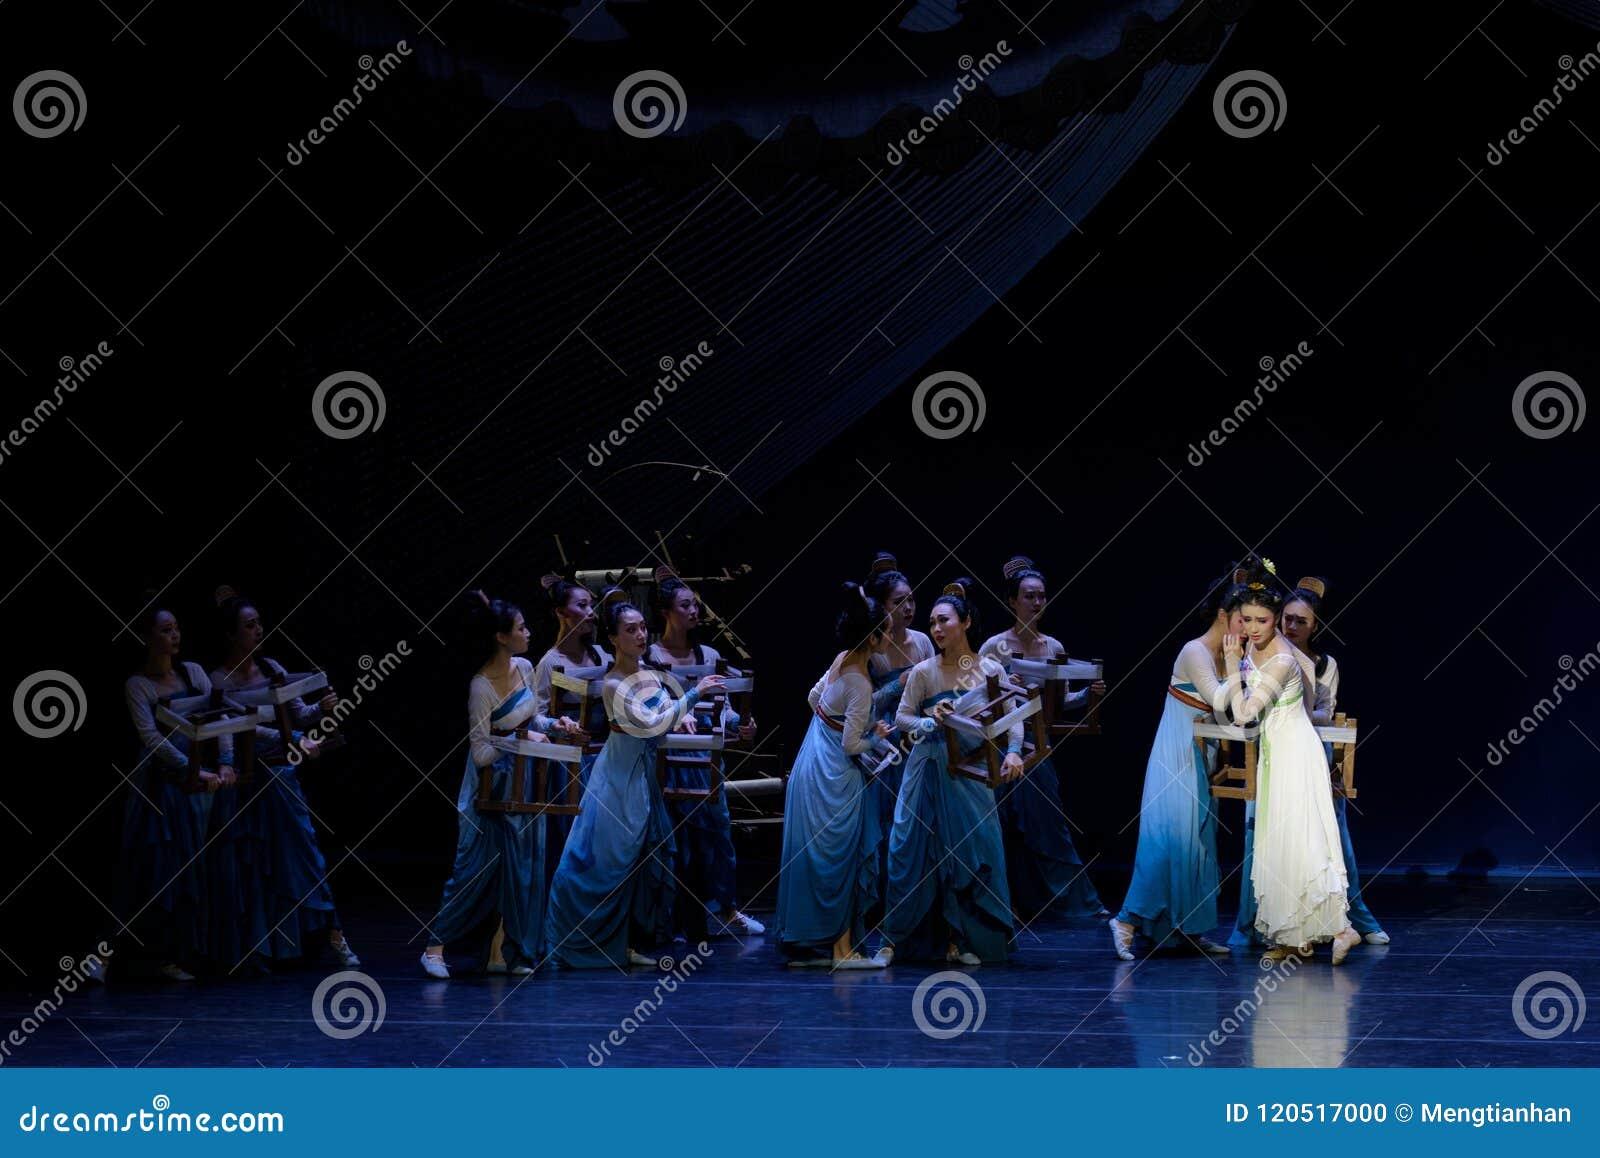 正在寻找母亲帮助是其次被拒绝这的行动:在宫殿史诗舞蹈戏曲`丝绸公主`的一个宴餐